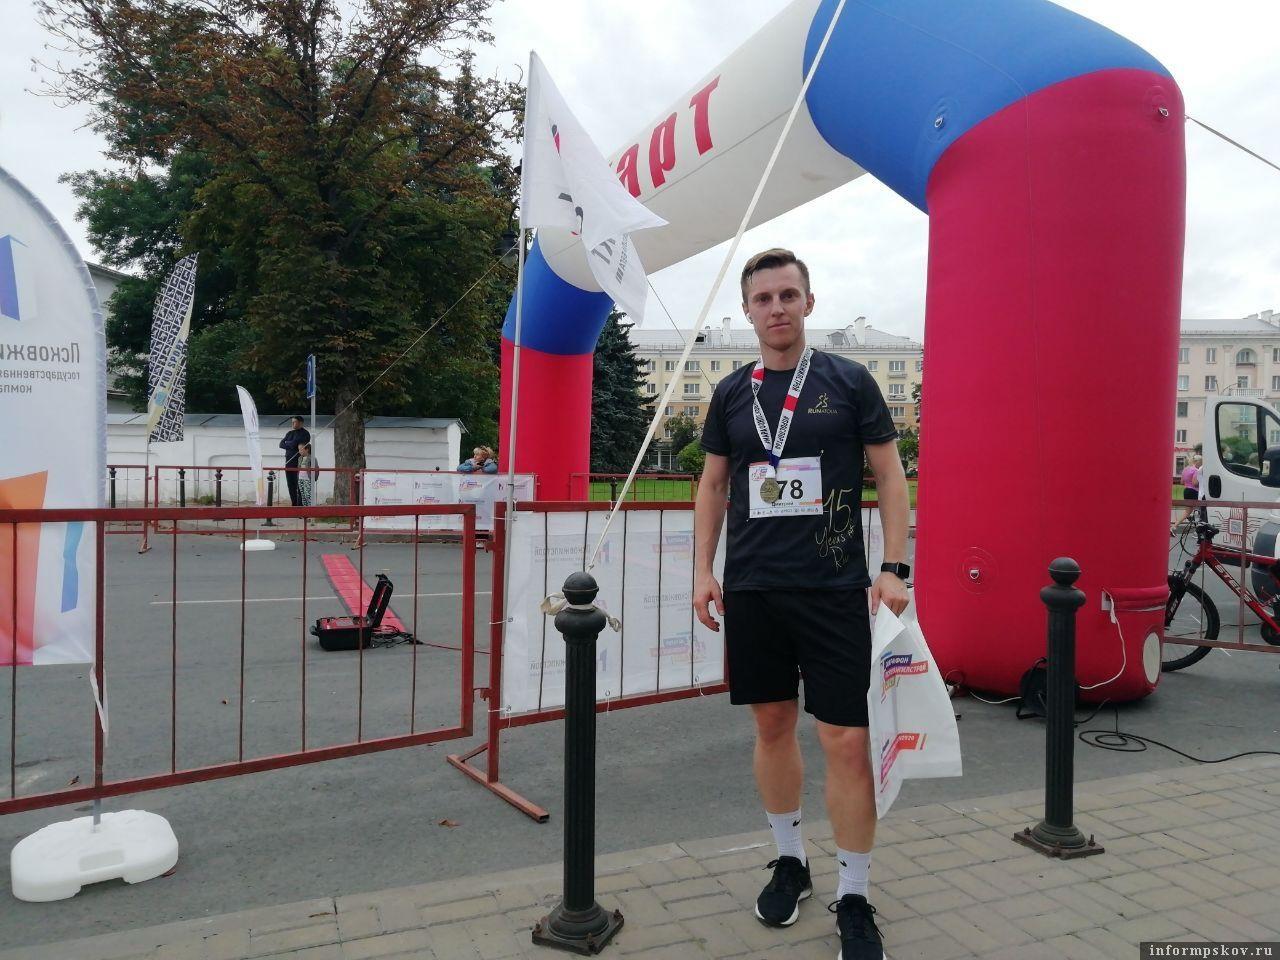 Дмитрий, Смоленск. Фото ПАИ